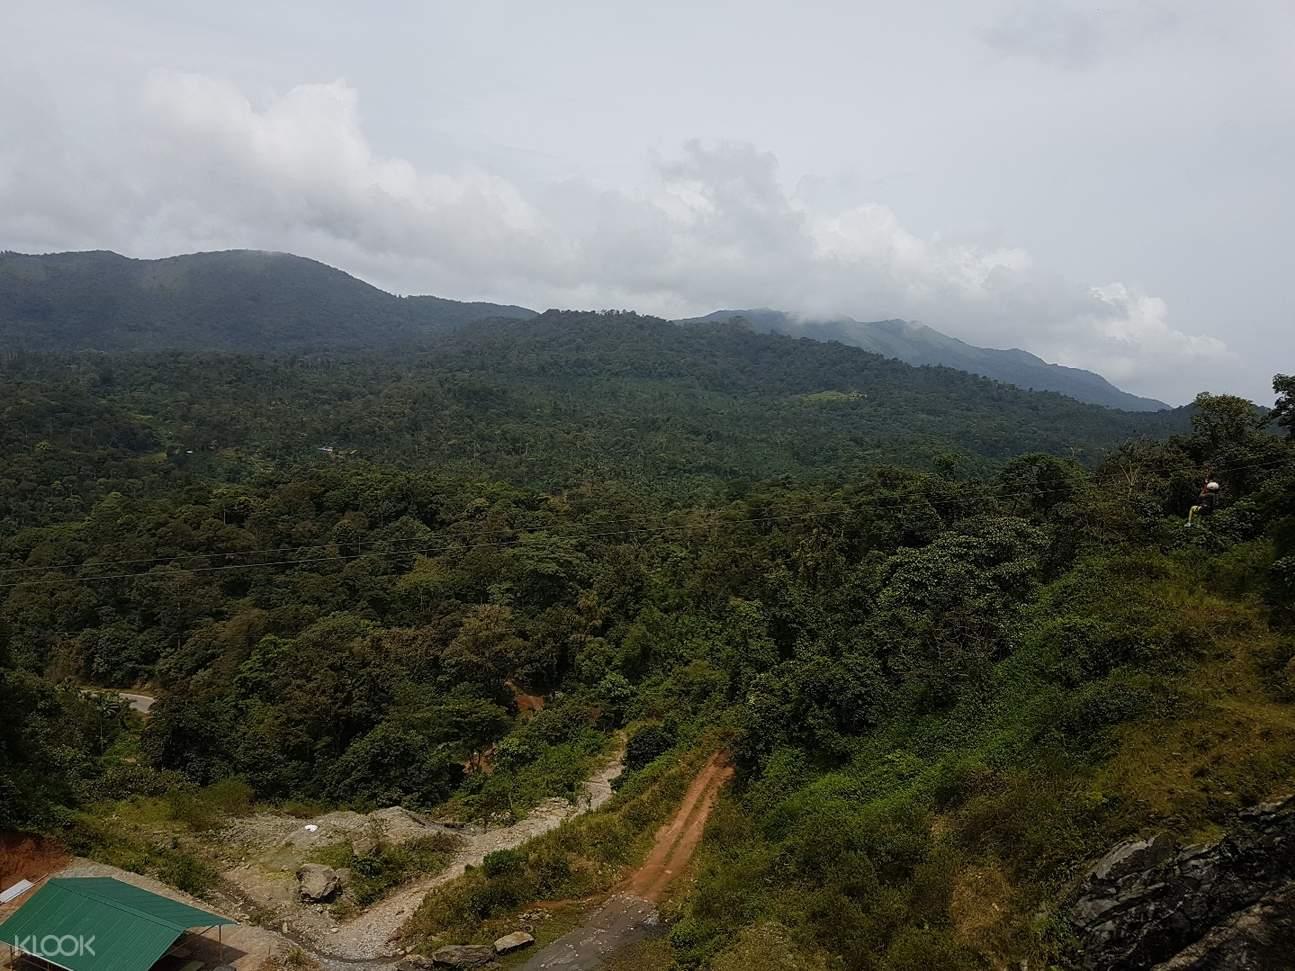 岩石攀爬探险